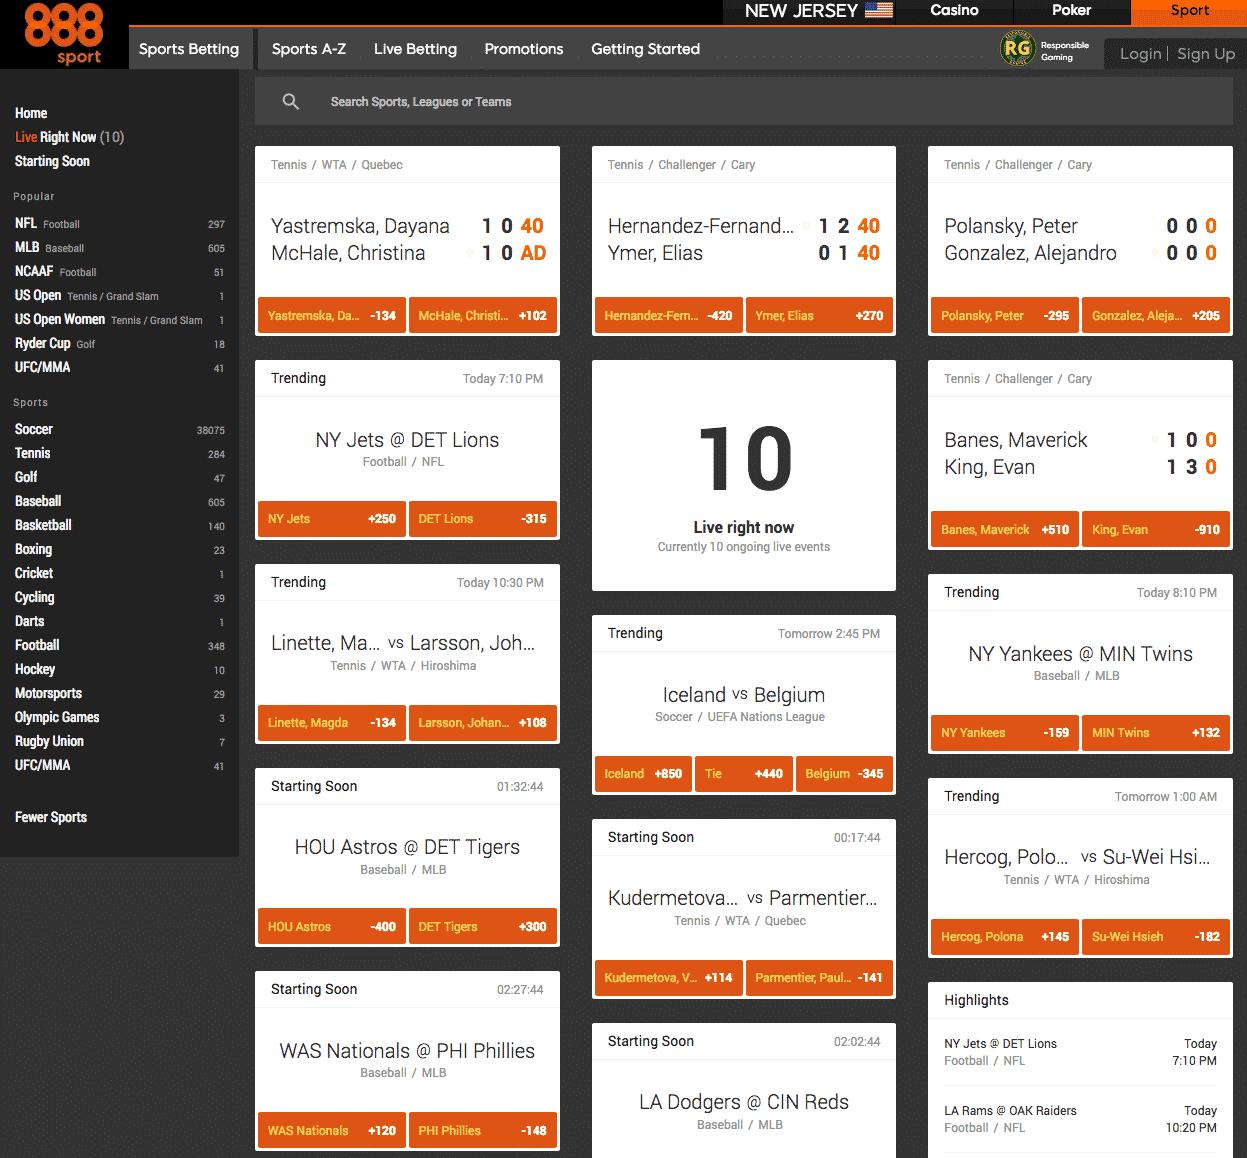 888sport NJ homepage